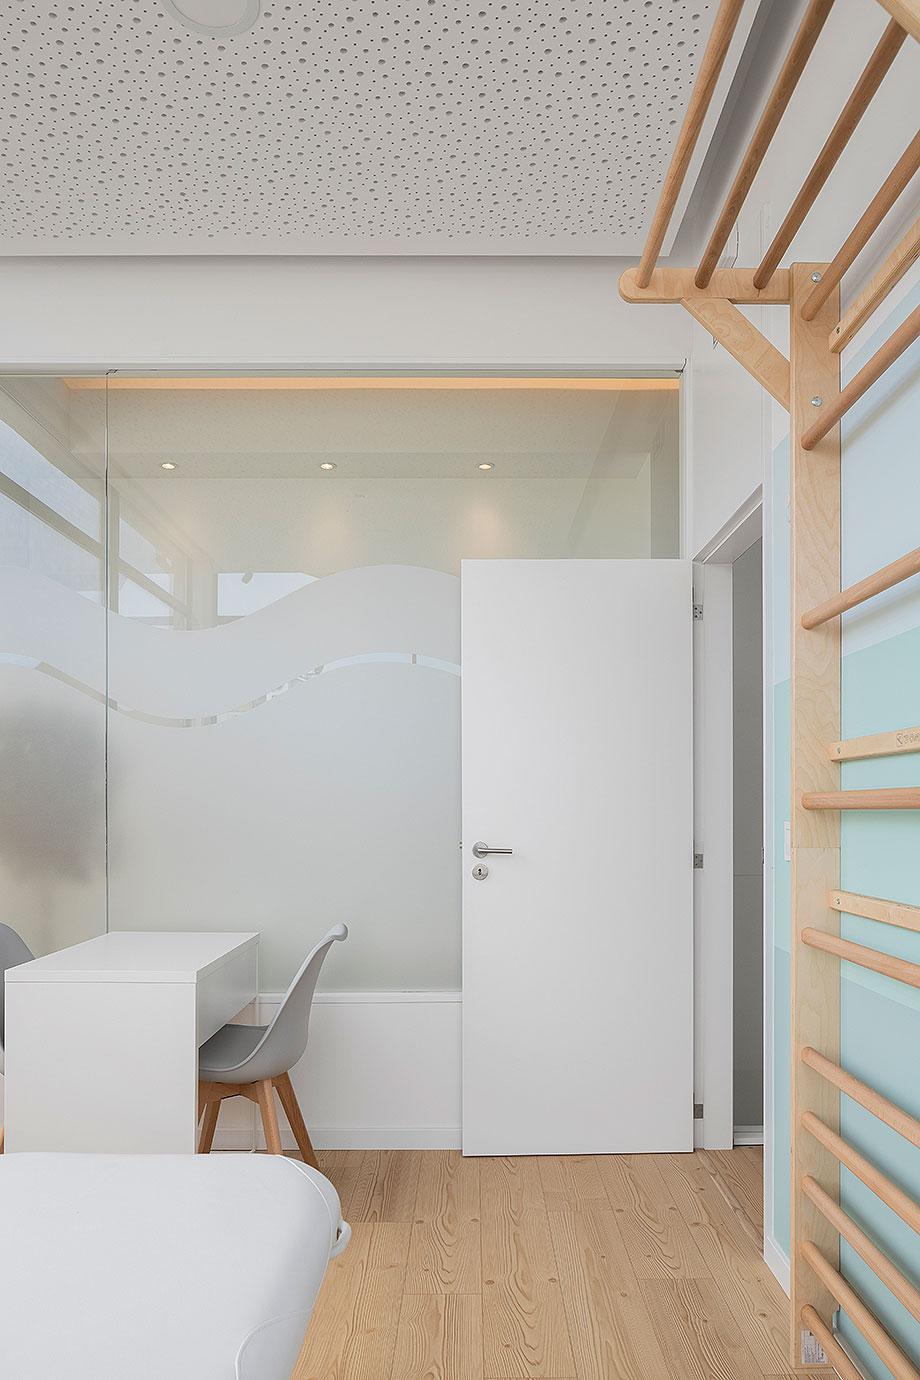 centro de bienestar belife de romulo neto arquitetos (16) - foto ivo tavares